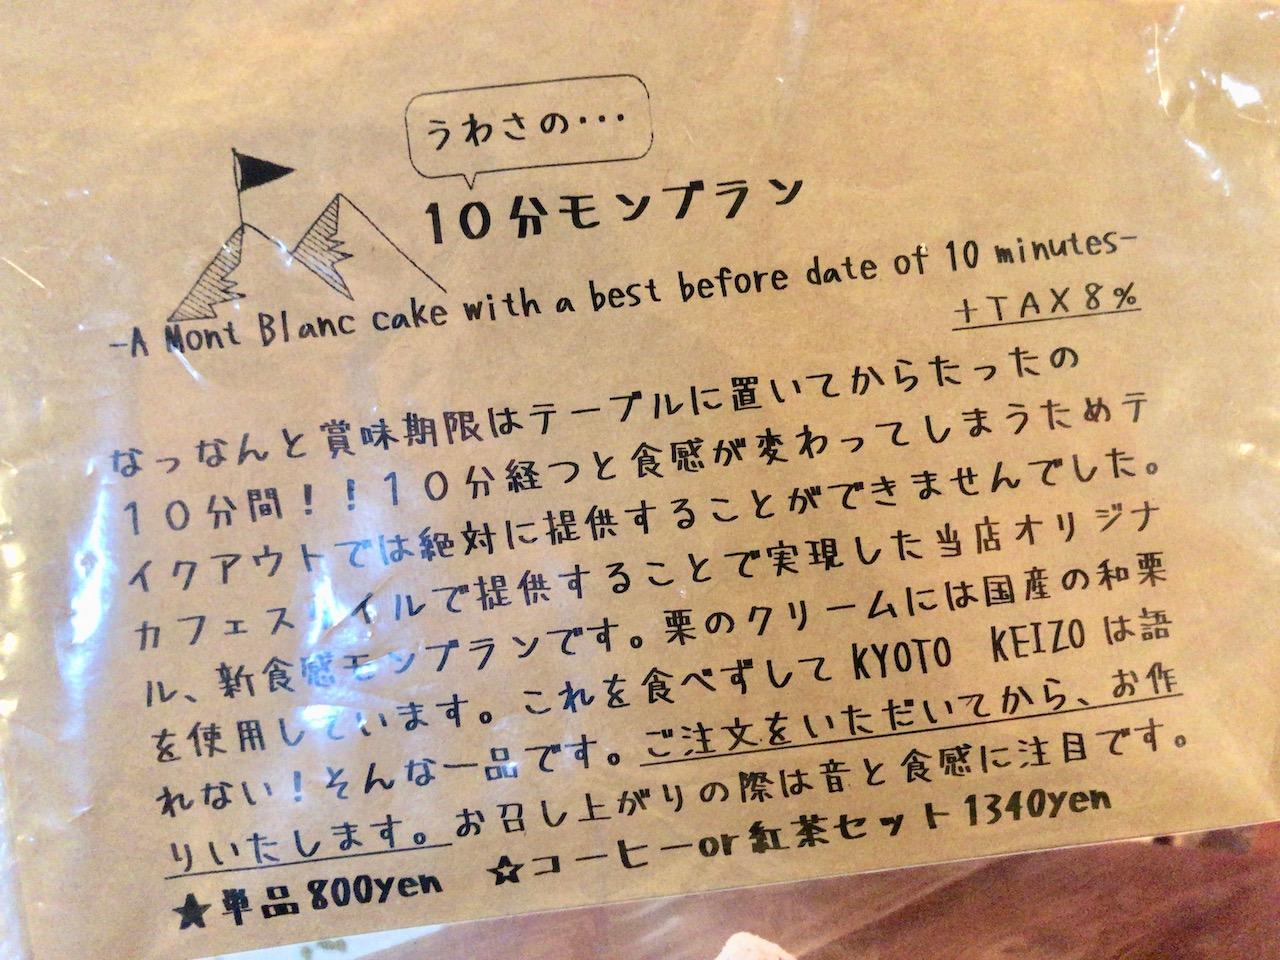 賞味期限は10分間!? 京都で超話題の「キョウトケイゾー」のモンブランを食べてみた